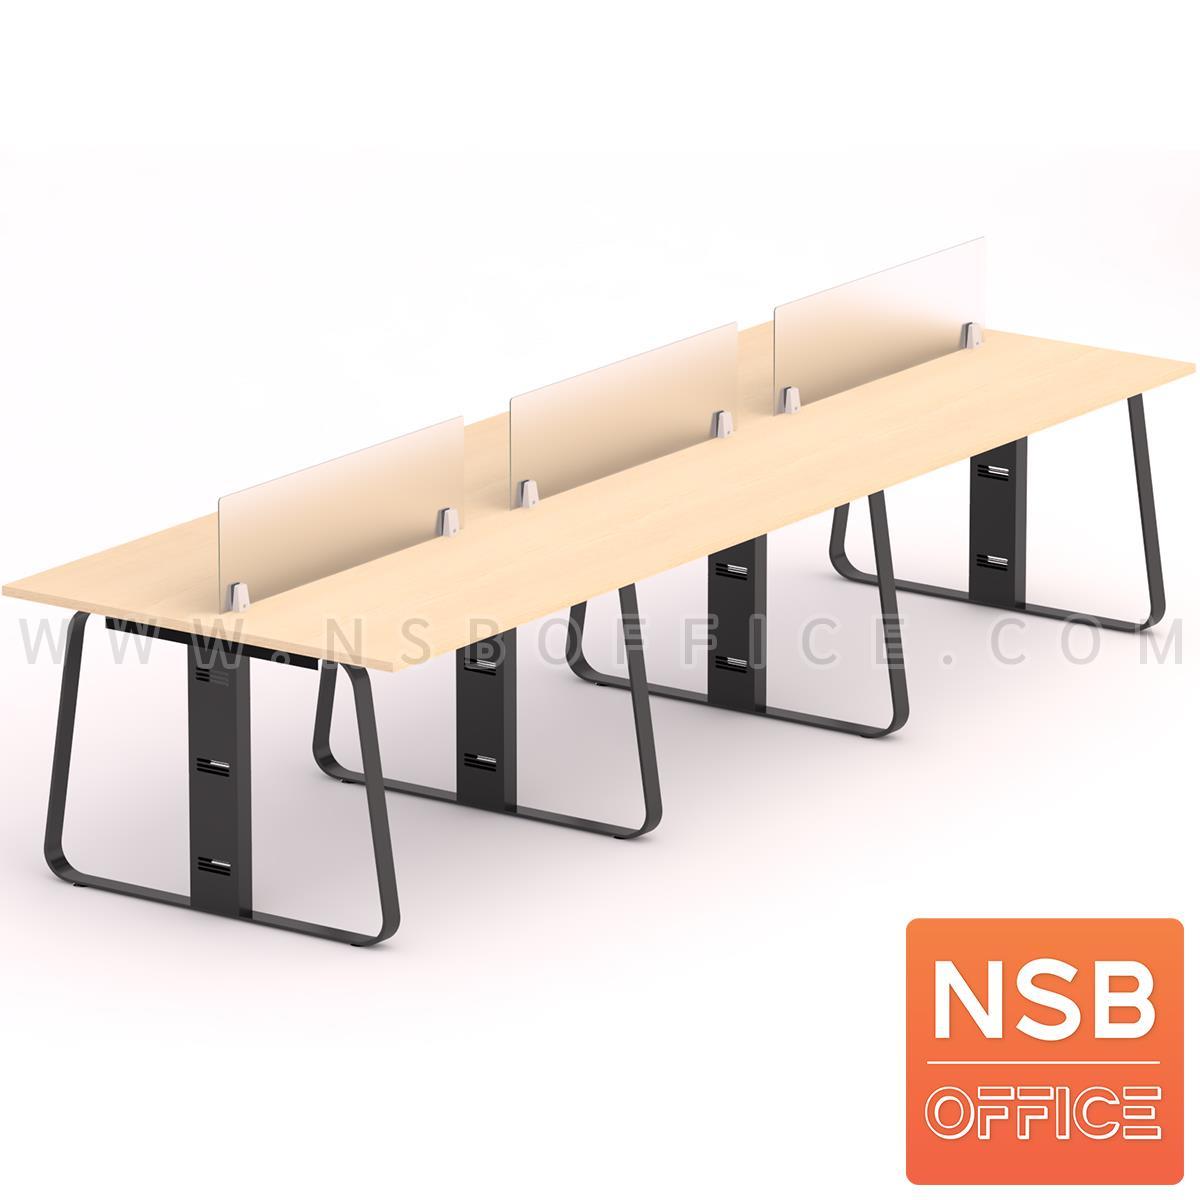 A27A031:ชุดโต๊ะทำงานกลุ่ม  รุ่น Lenka 1 (เล็งกา 1) 4 ,6  ที่นั่ง พร้อมมินิสกรีน ขาเหล็ก